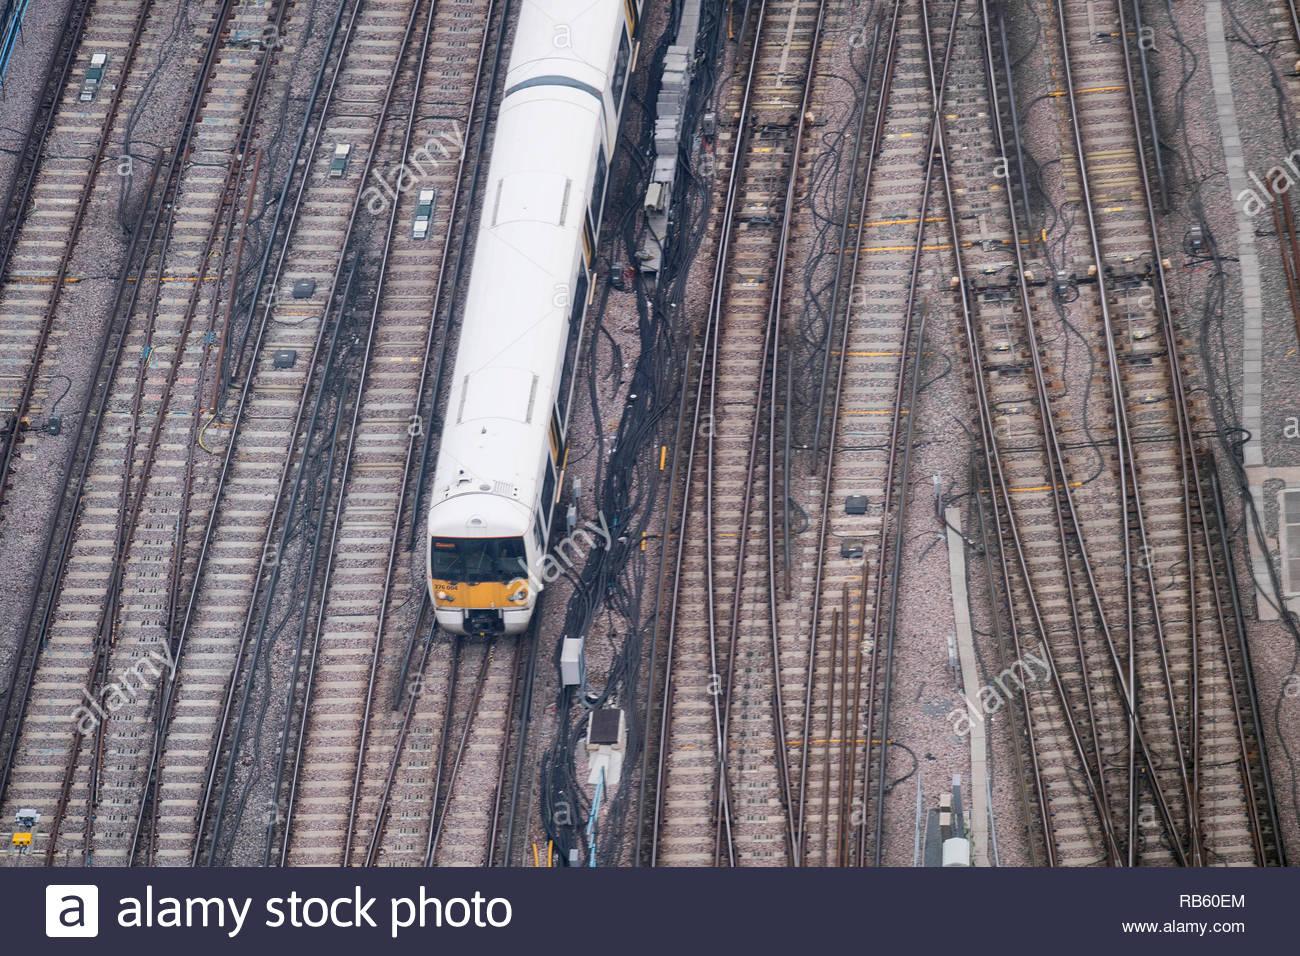 File foto datata 03/07/17 di un treno entrando in stazione di London Bridge. Ritardi dei treni potrebbe essere una cosa del passato grazie a un nuovo sistema che è in grado di prevedere i problemi con la pista e segnali. Immagini Stock